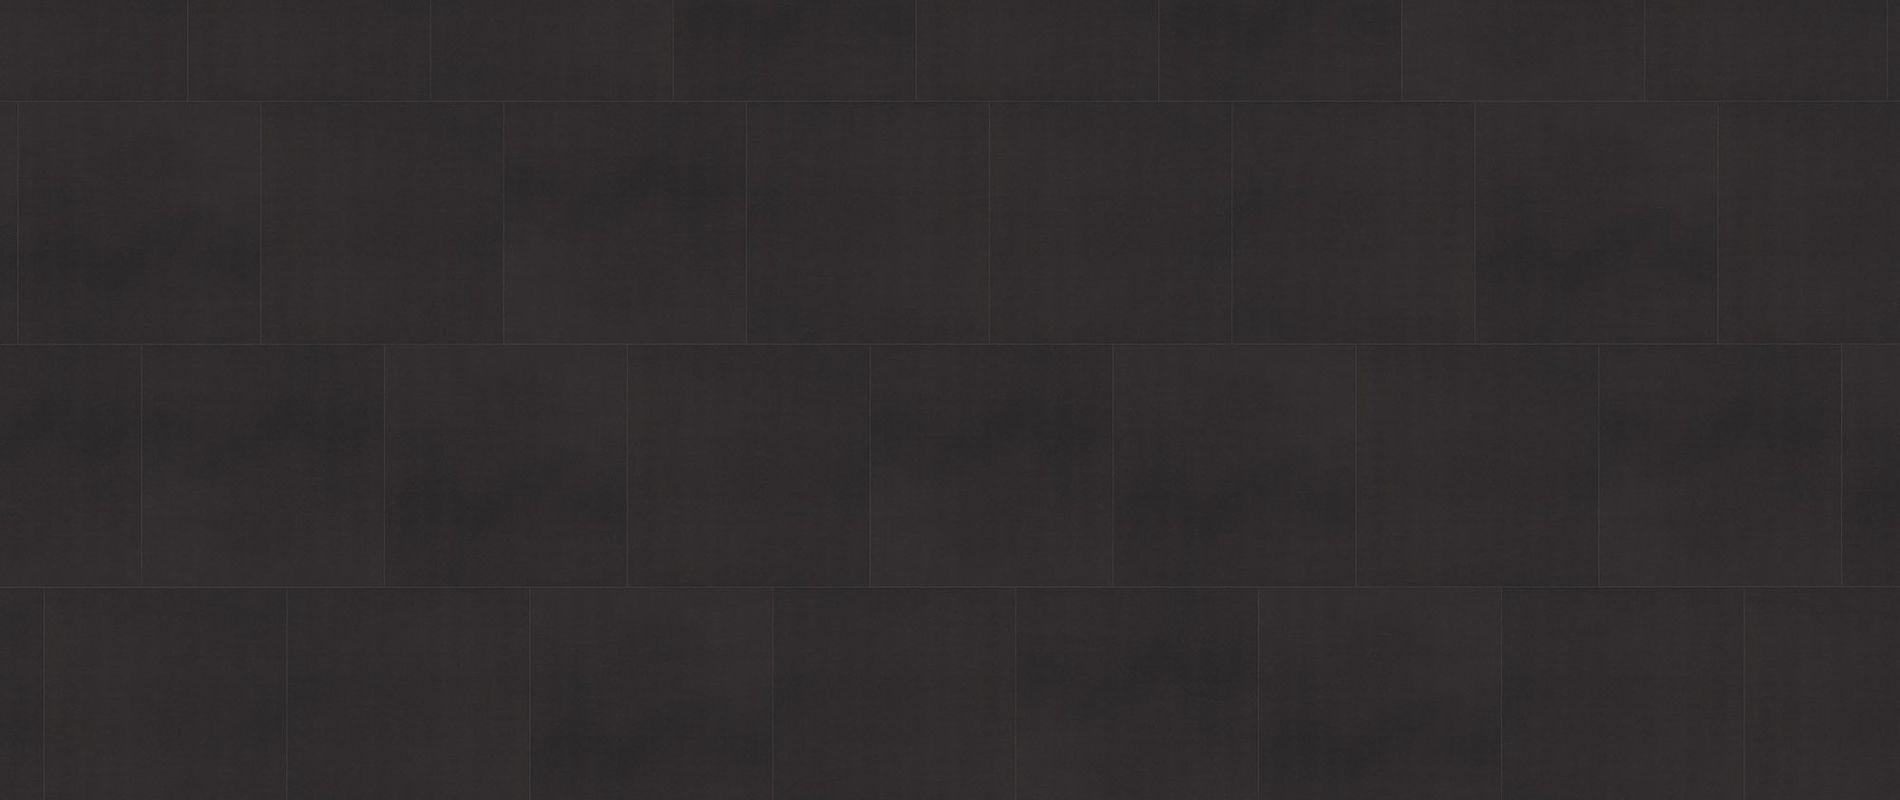 Виниловая плитка Wineo - 800 Tile Solid Black (DB00103-2)